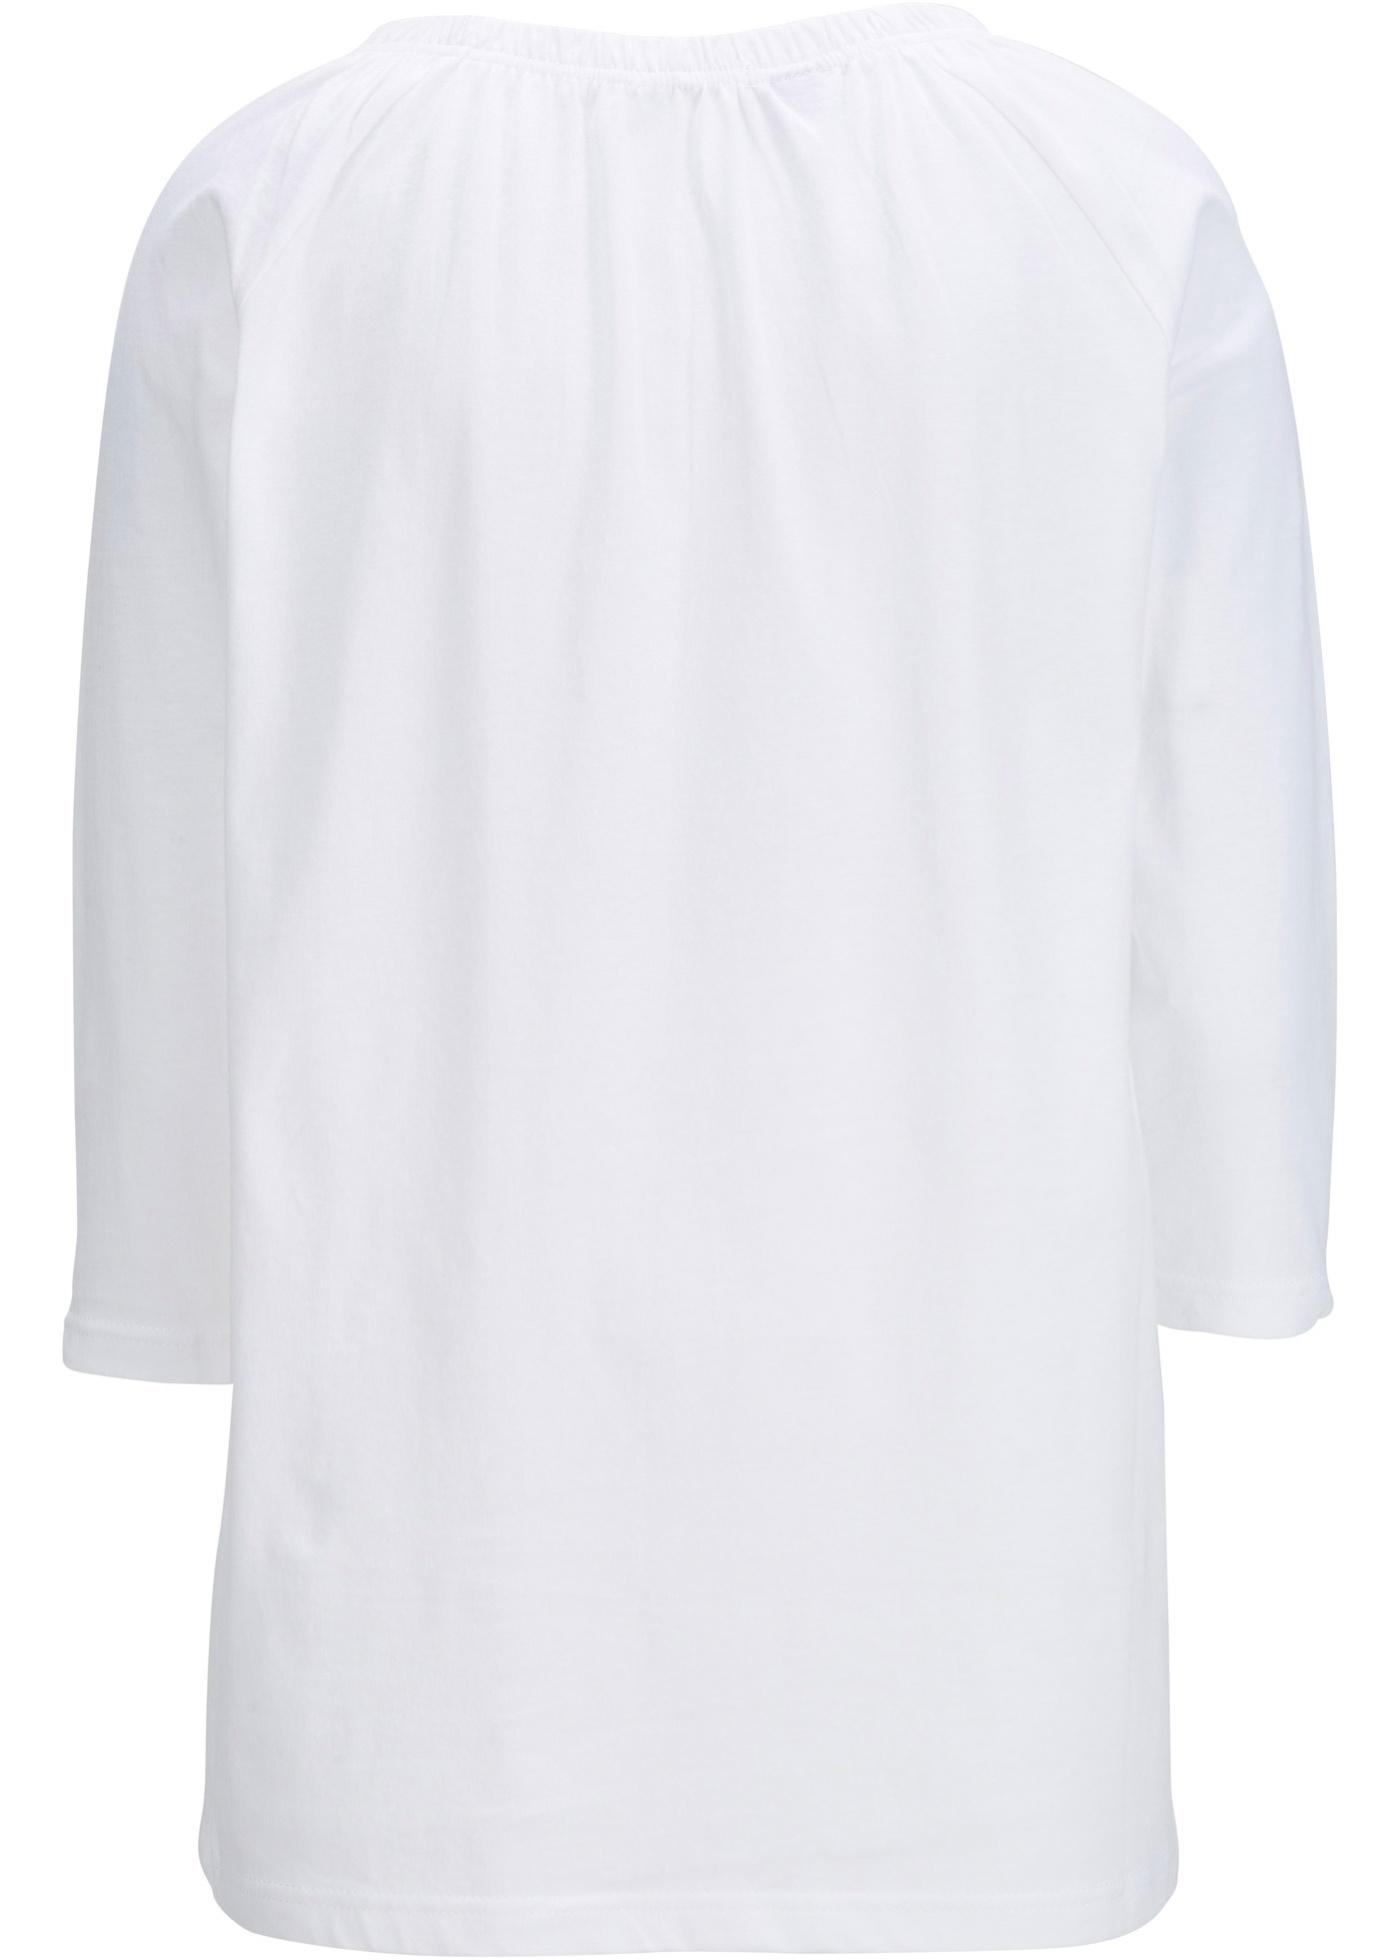 Bonprix Katoenen shirt in A-lijn, 3/4 mouw